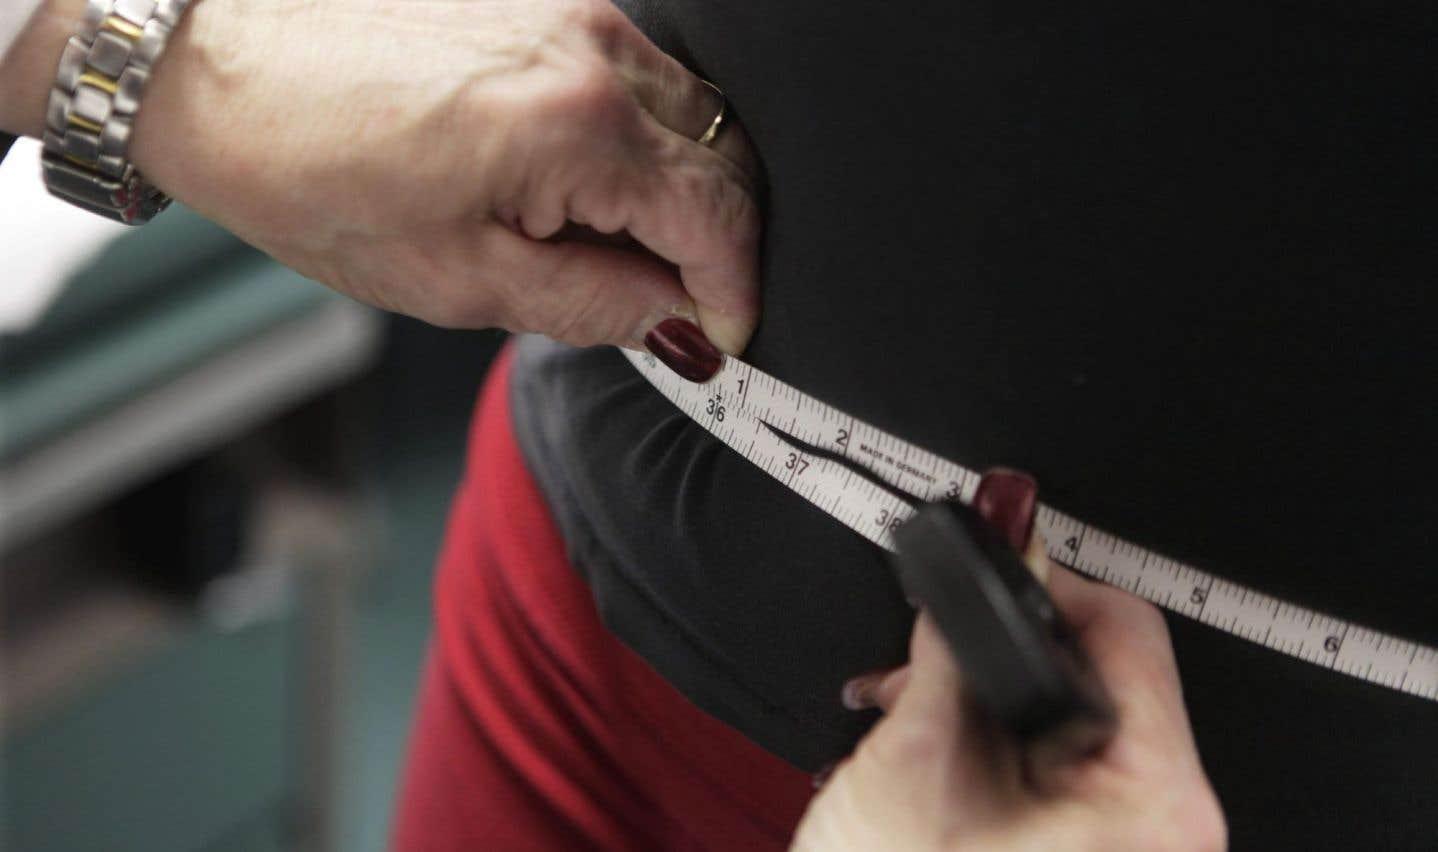 Le mythe de l'«obèse, mais en santé» déboulonné